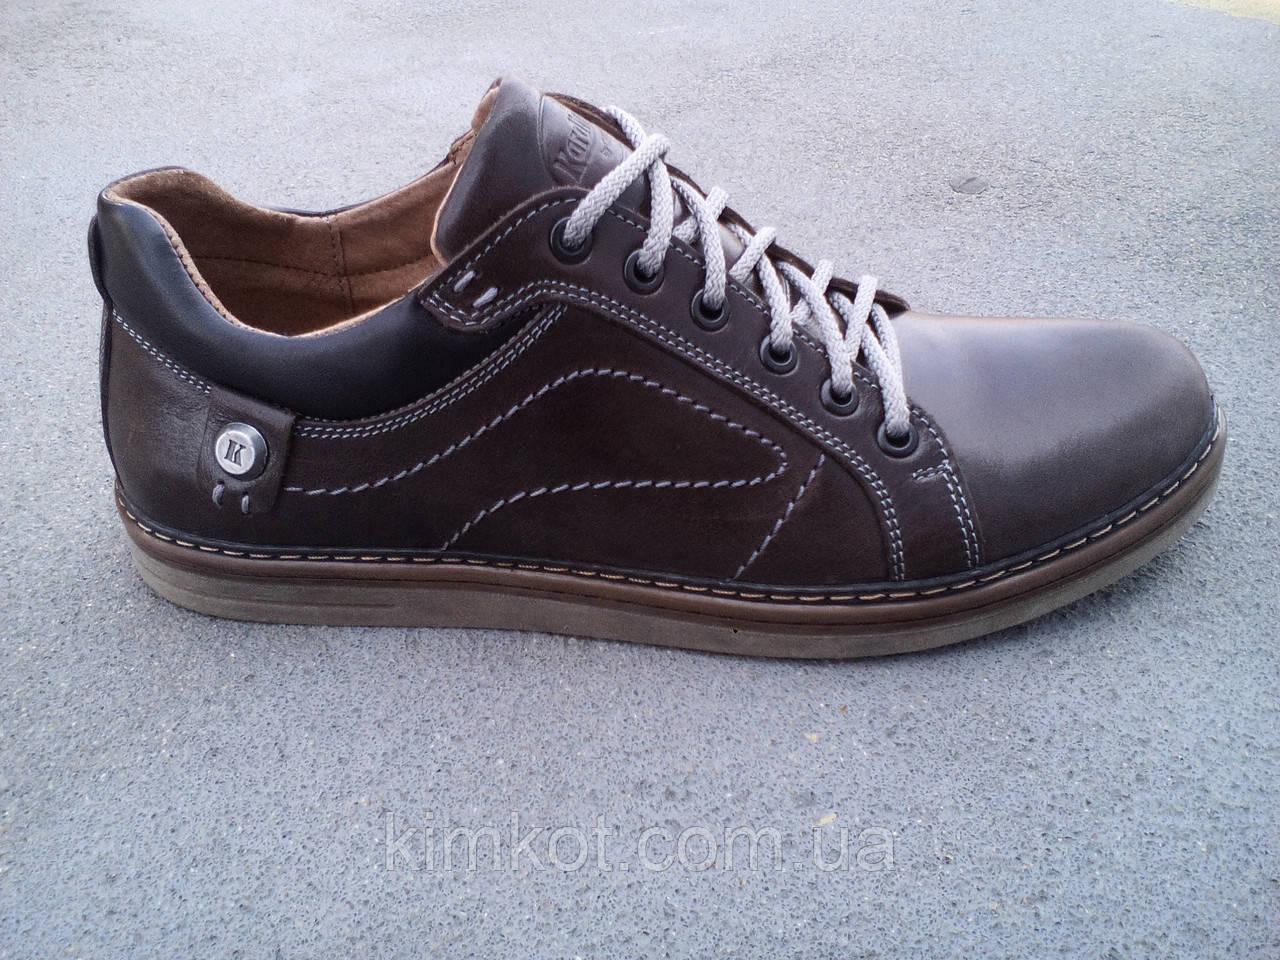 4984eba71c7b Кроссовки туфли мужские кожаные KARDINAL 40 -45 р-р  продажа, цена в ...